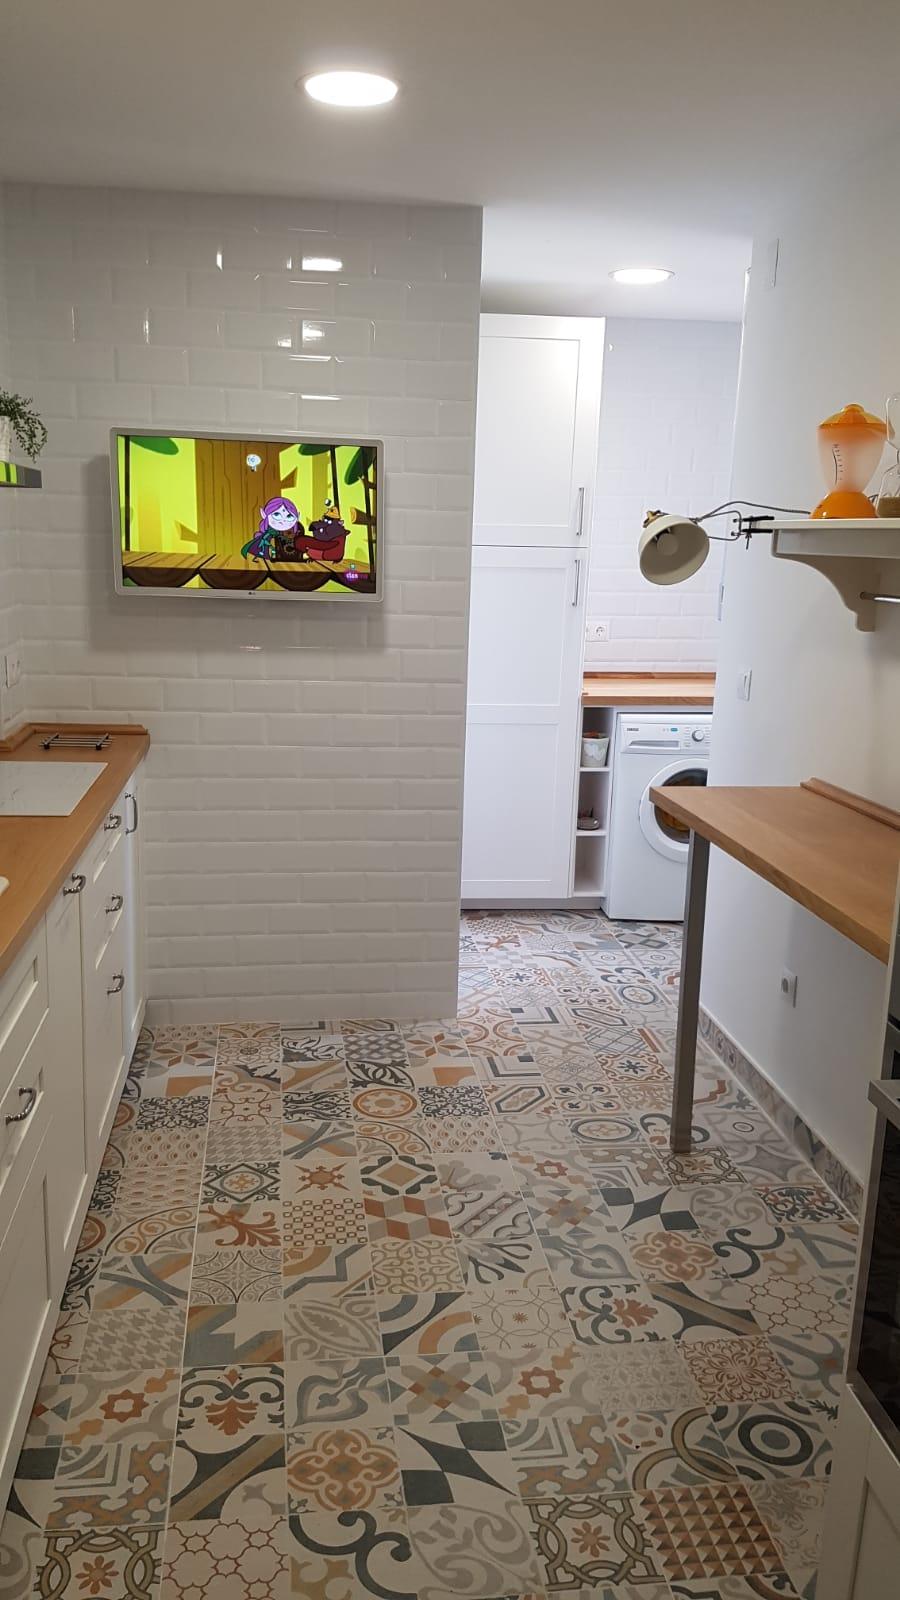 Reforma de cocina y ba o reformas malaga - Reformas de cocinas y banos ...